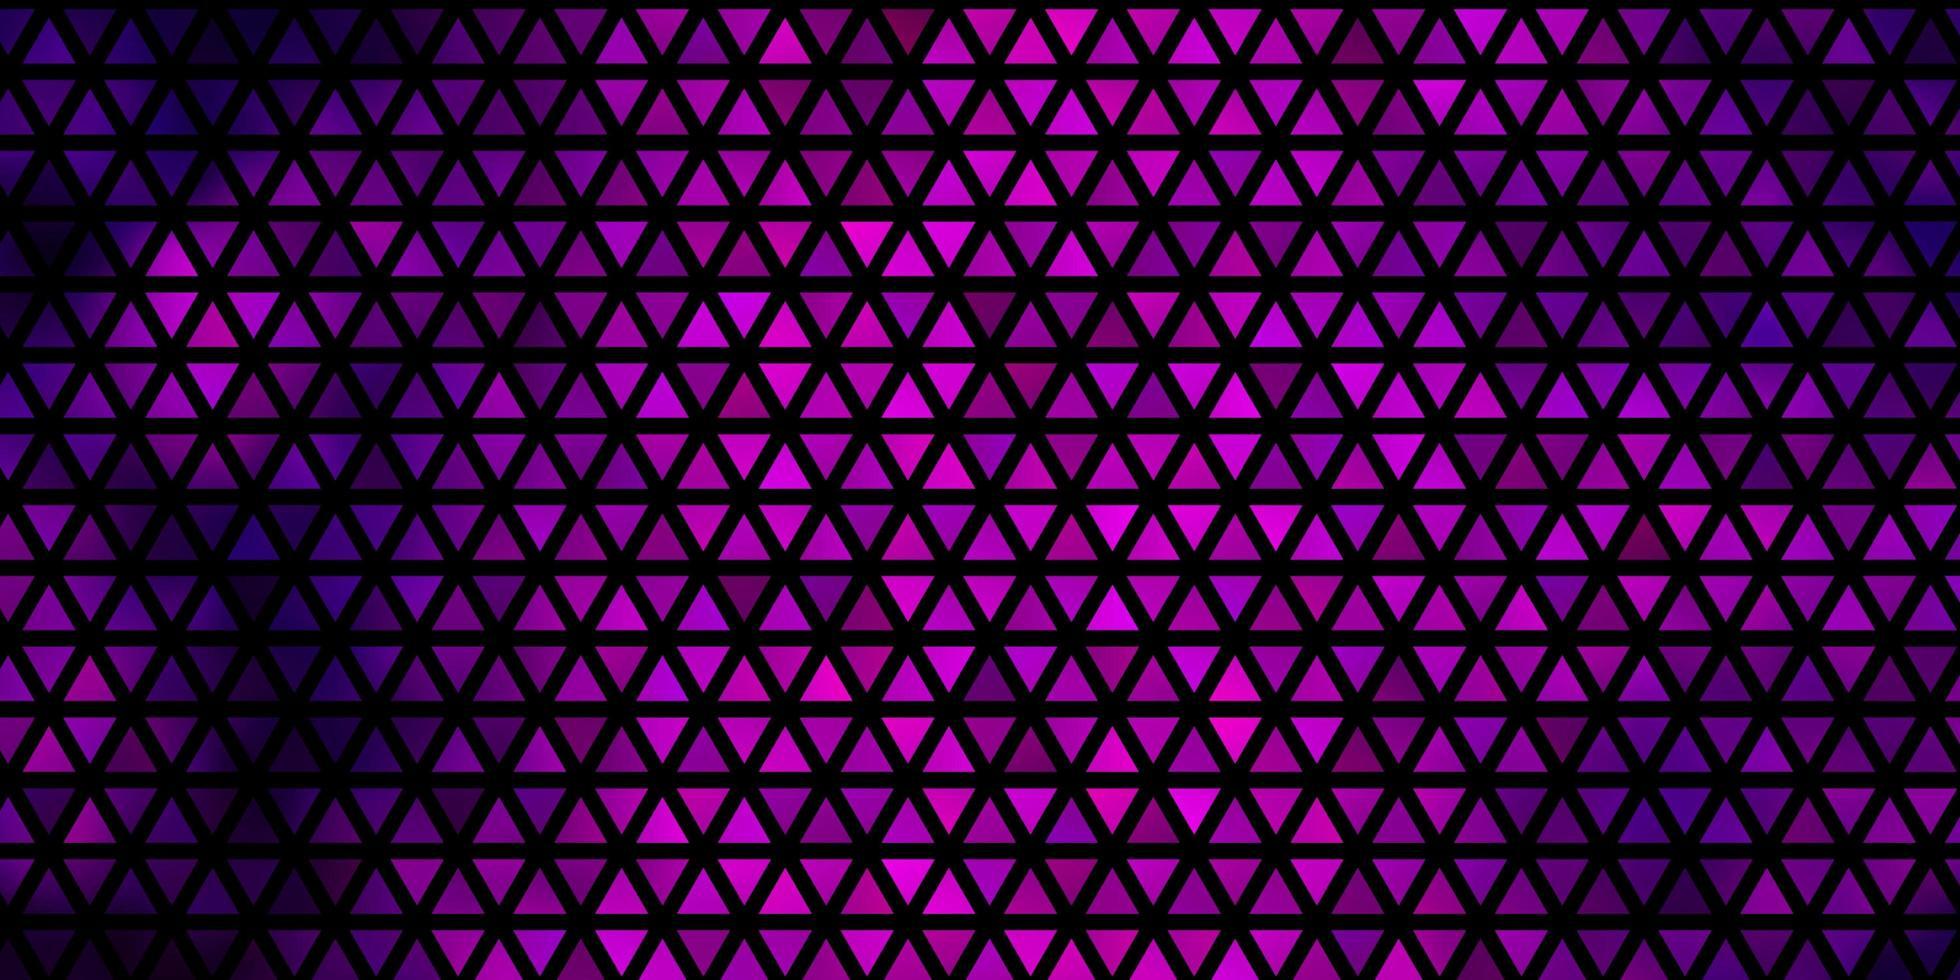 Fondo de vector púrpura oscuro con triángulos.